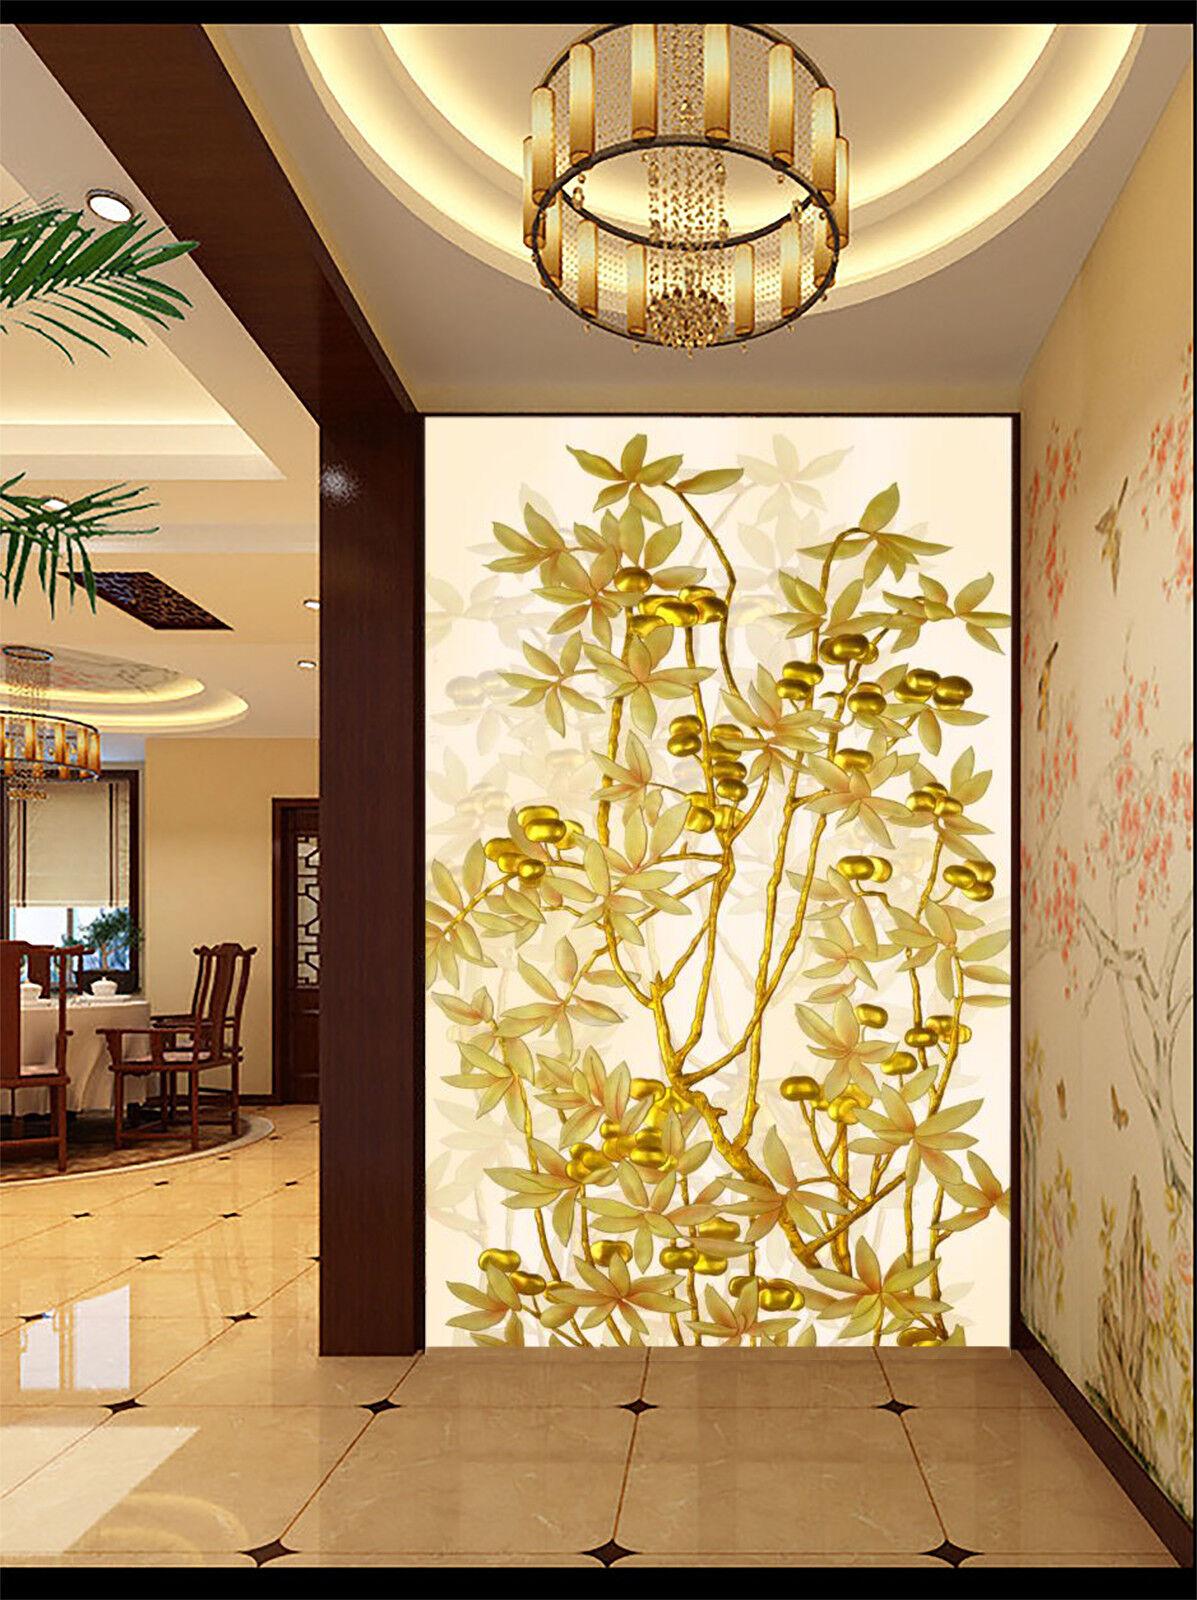 3D Golden Flower 744 Wallpaper Mural Wall Print Wall Wallpaper Murals US Carly